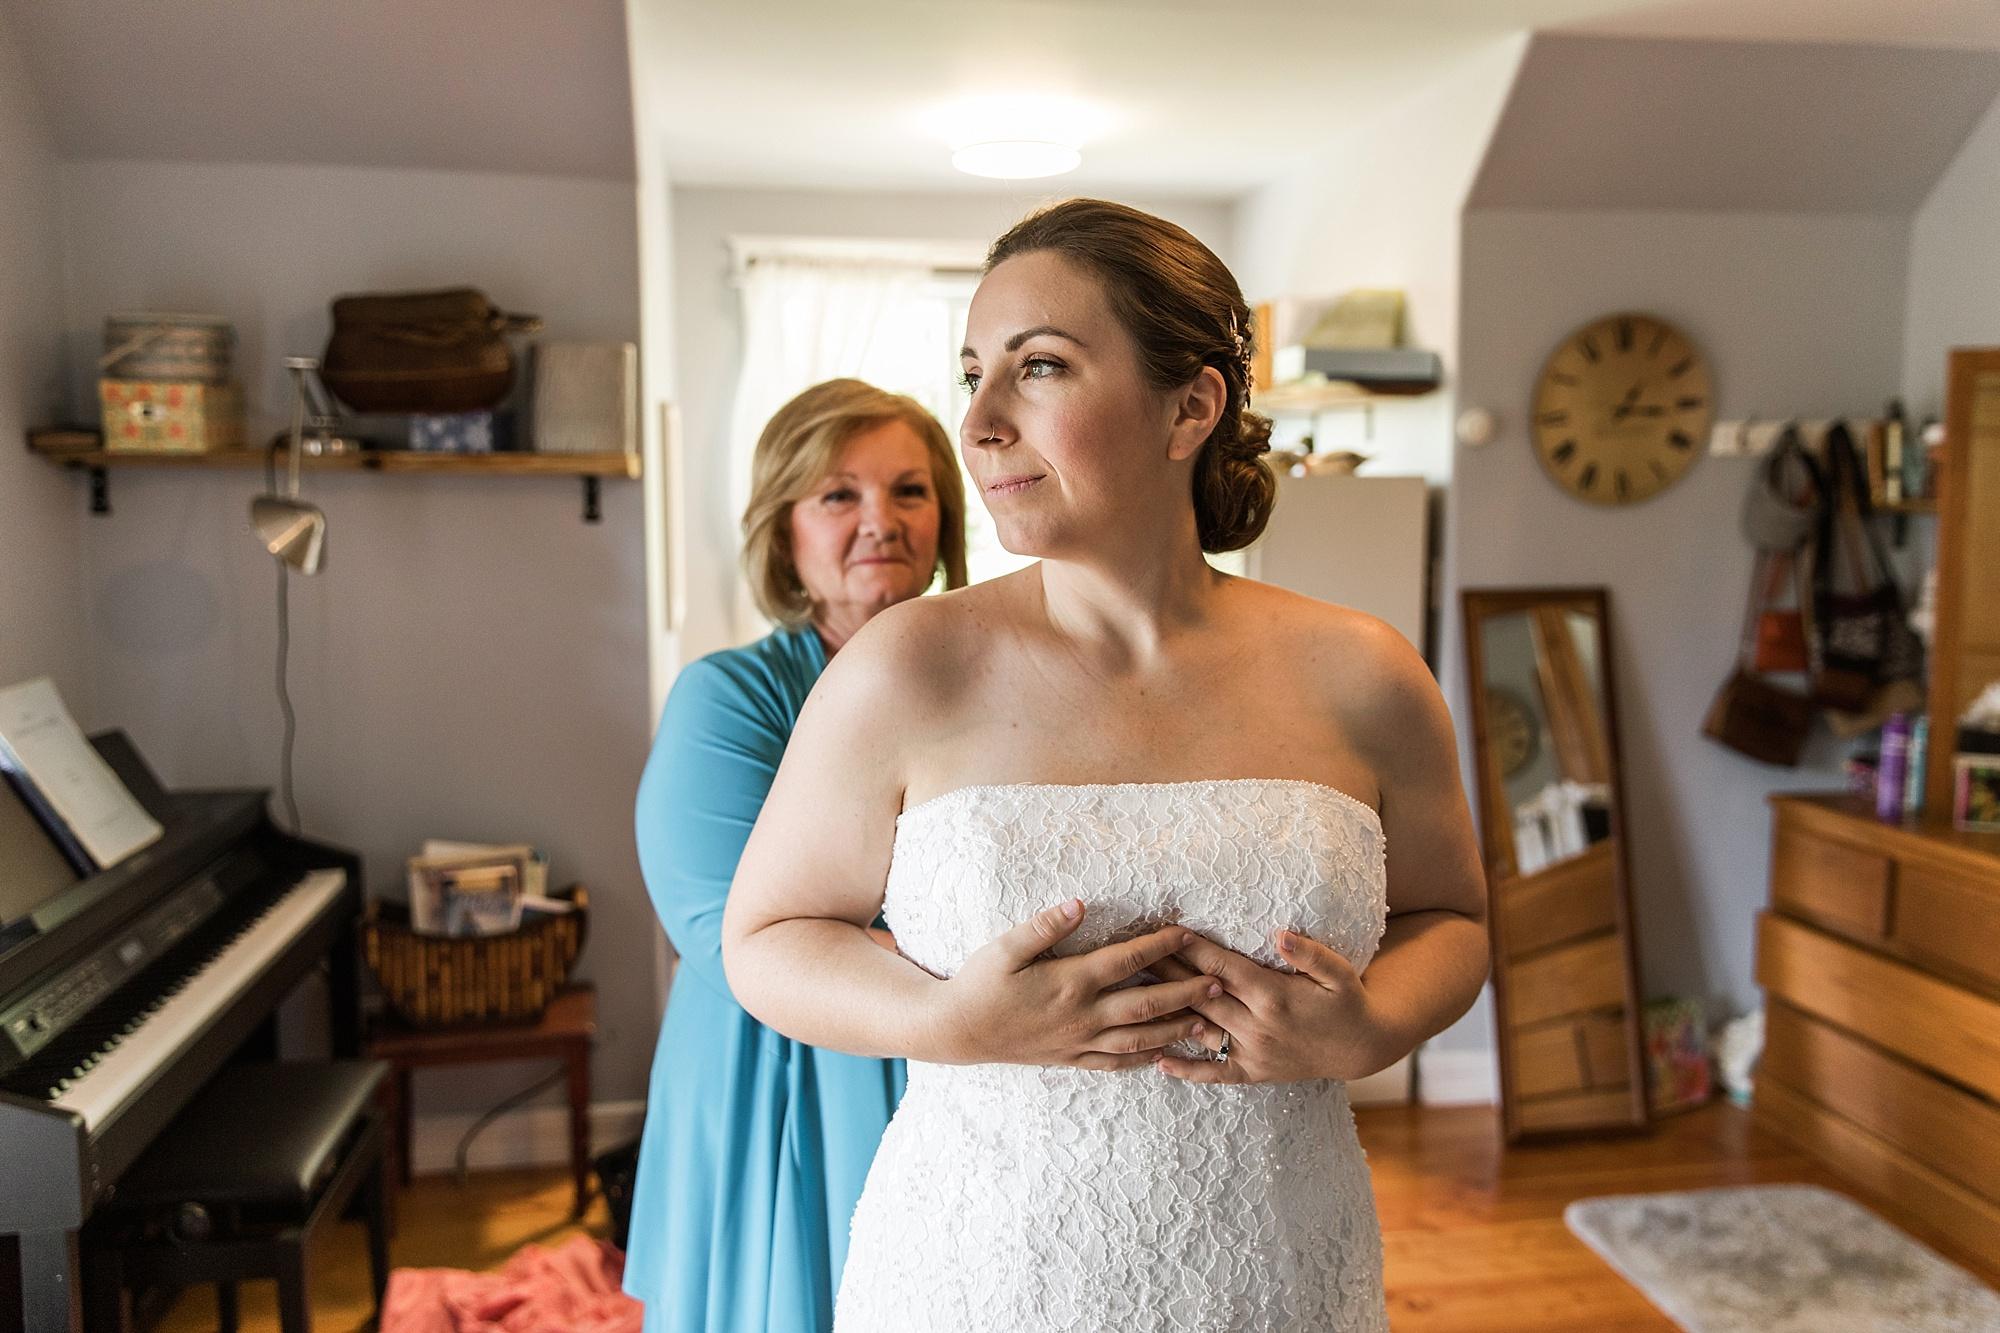 nakusp-wedding-photographer_0007.jpg